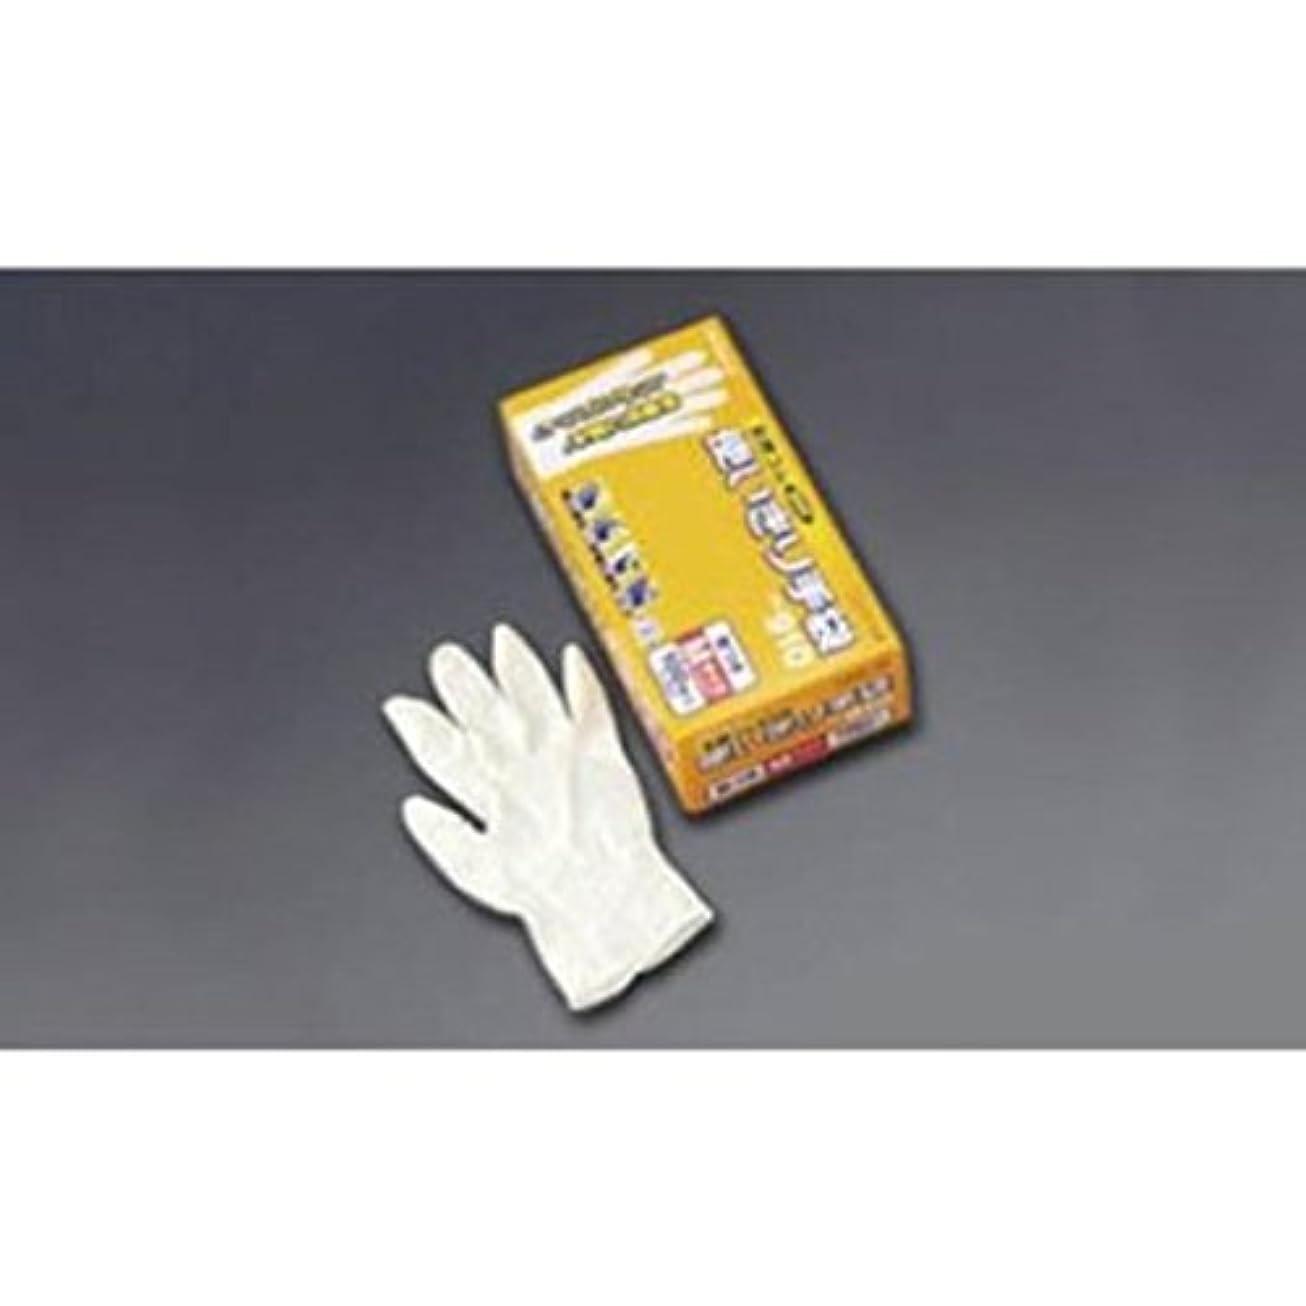 溶ける衝撃サイドボード(まとめ買い)エステー 天然ゴム使い切り手袋 No.910 M 【×3セット】